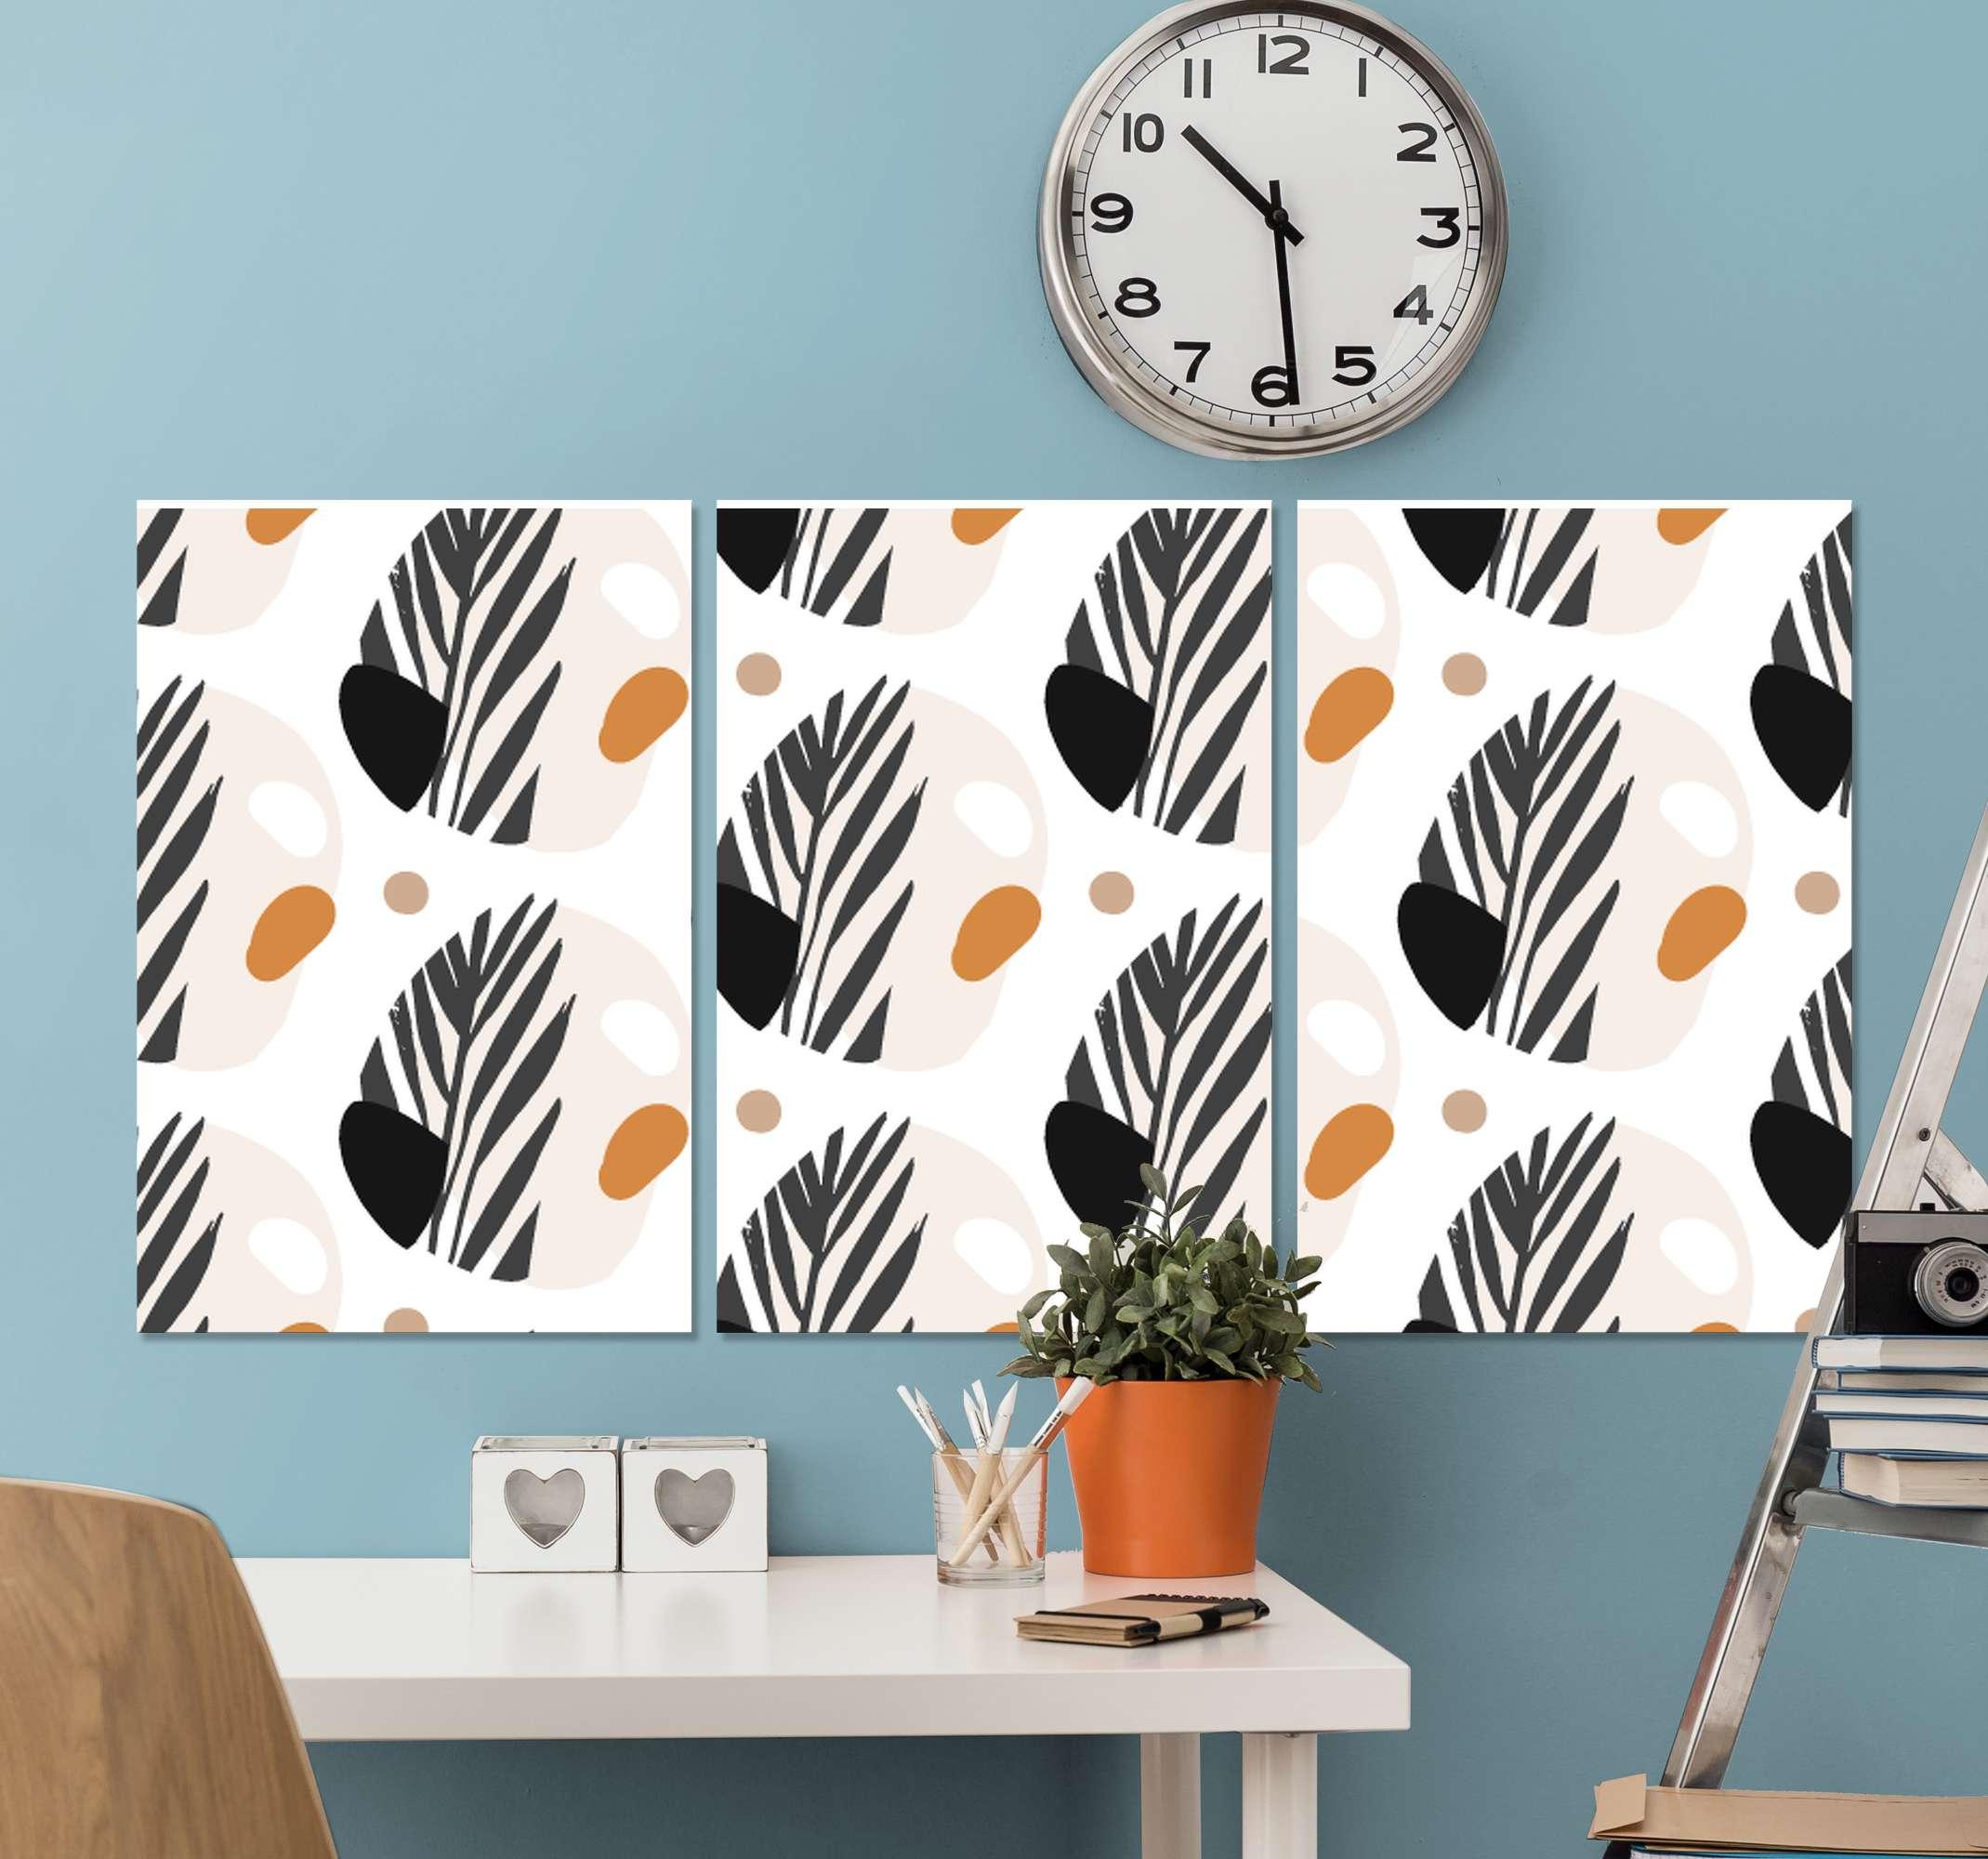 TenStickers. Scandinavische bladeren canvas schilderen . Noordse canvas schilderij met een patroon van abstracte vormen gekleurd in zwart, oranje, bruin, grijs en wit. Kortingen beschikbaar.